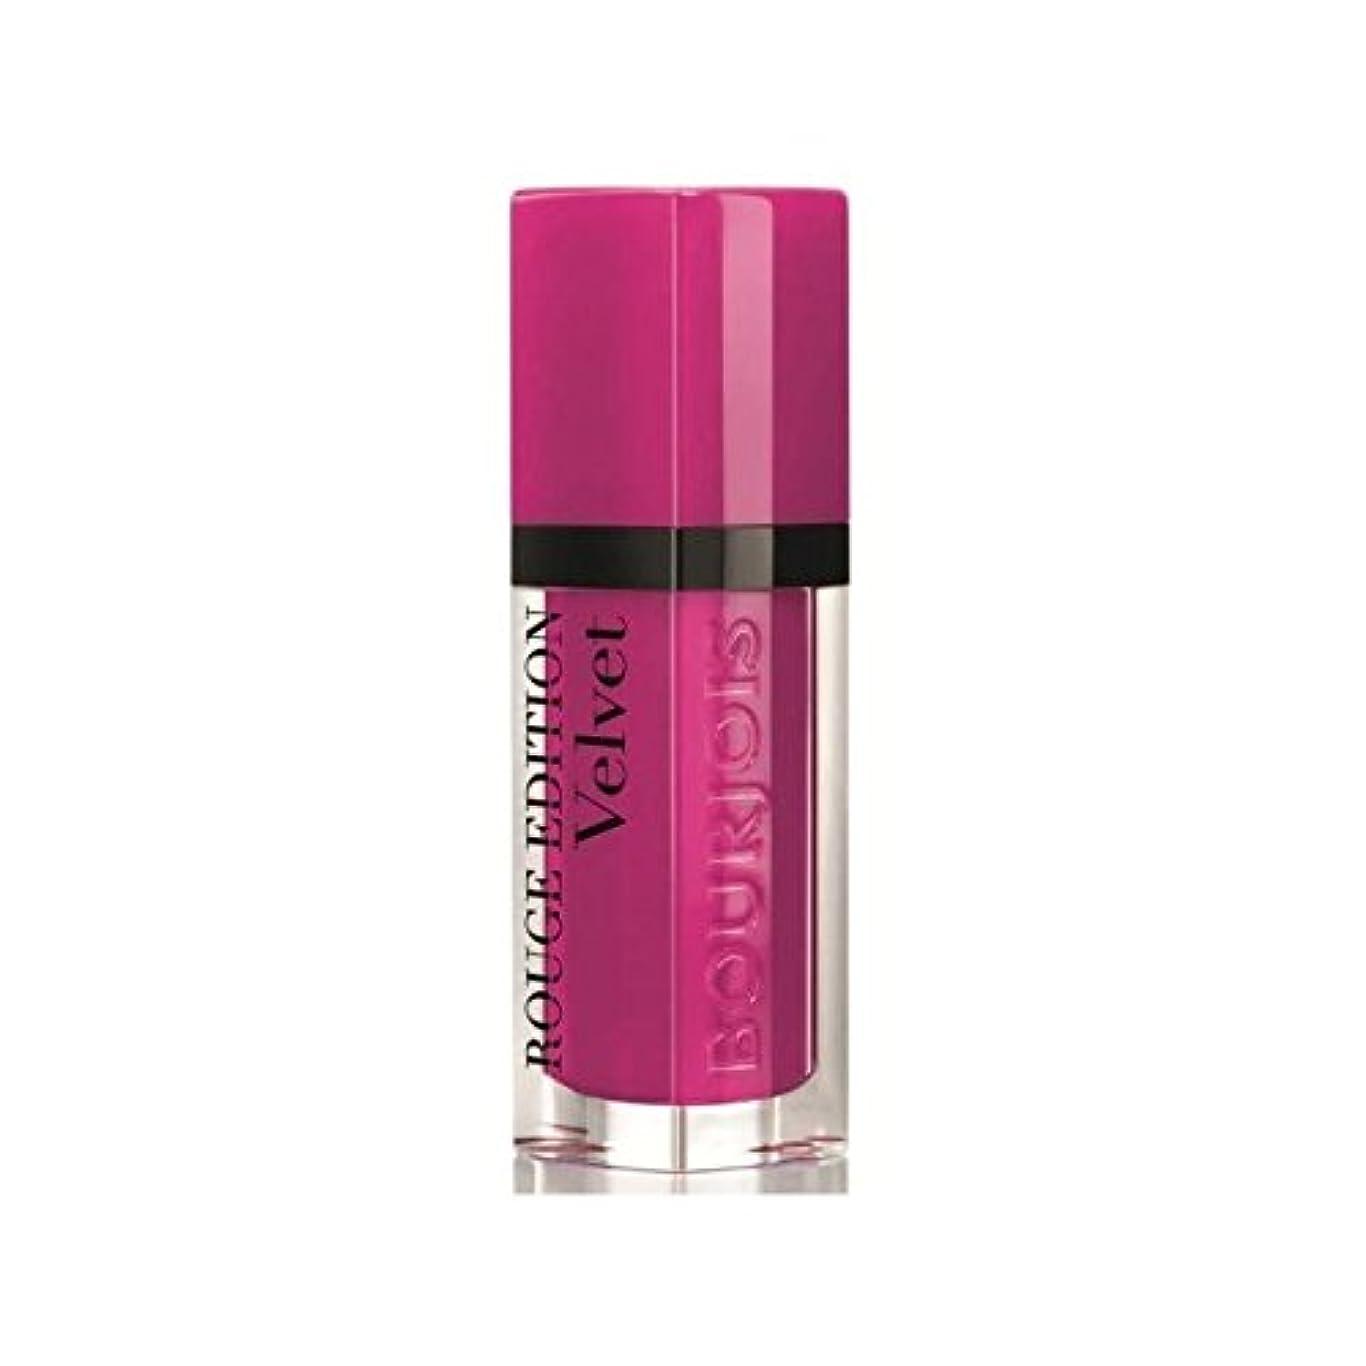 トンリネンあなたのものブルジョワルージュ版ベルベットの口紅ピンクピンポン6 x2 - Bourjois Rouge Edition Velvet lipstick Pink Pong 6 (Pack of 2) [並行輸入品]